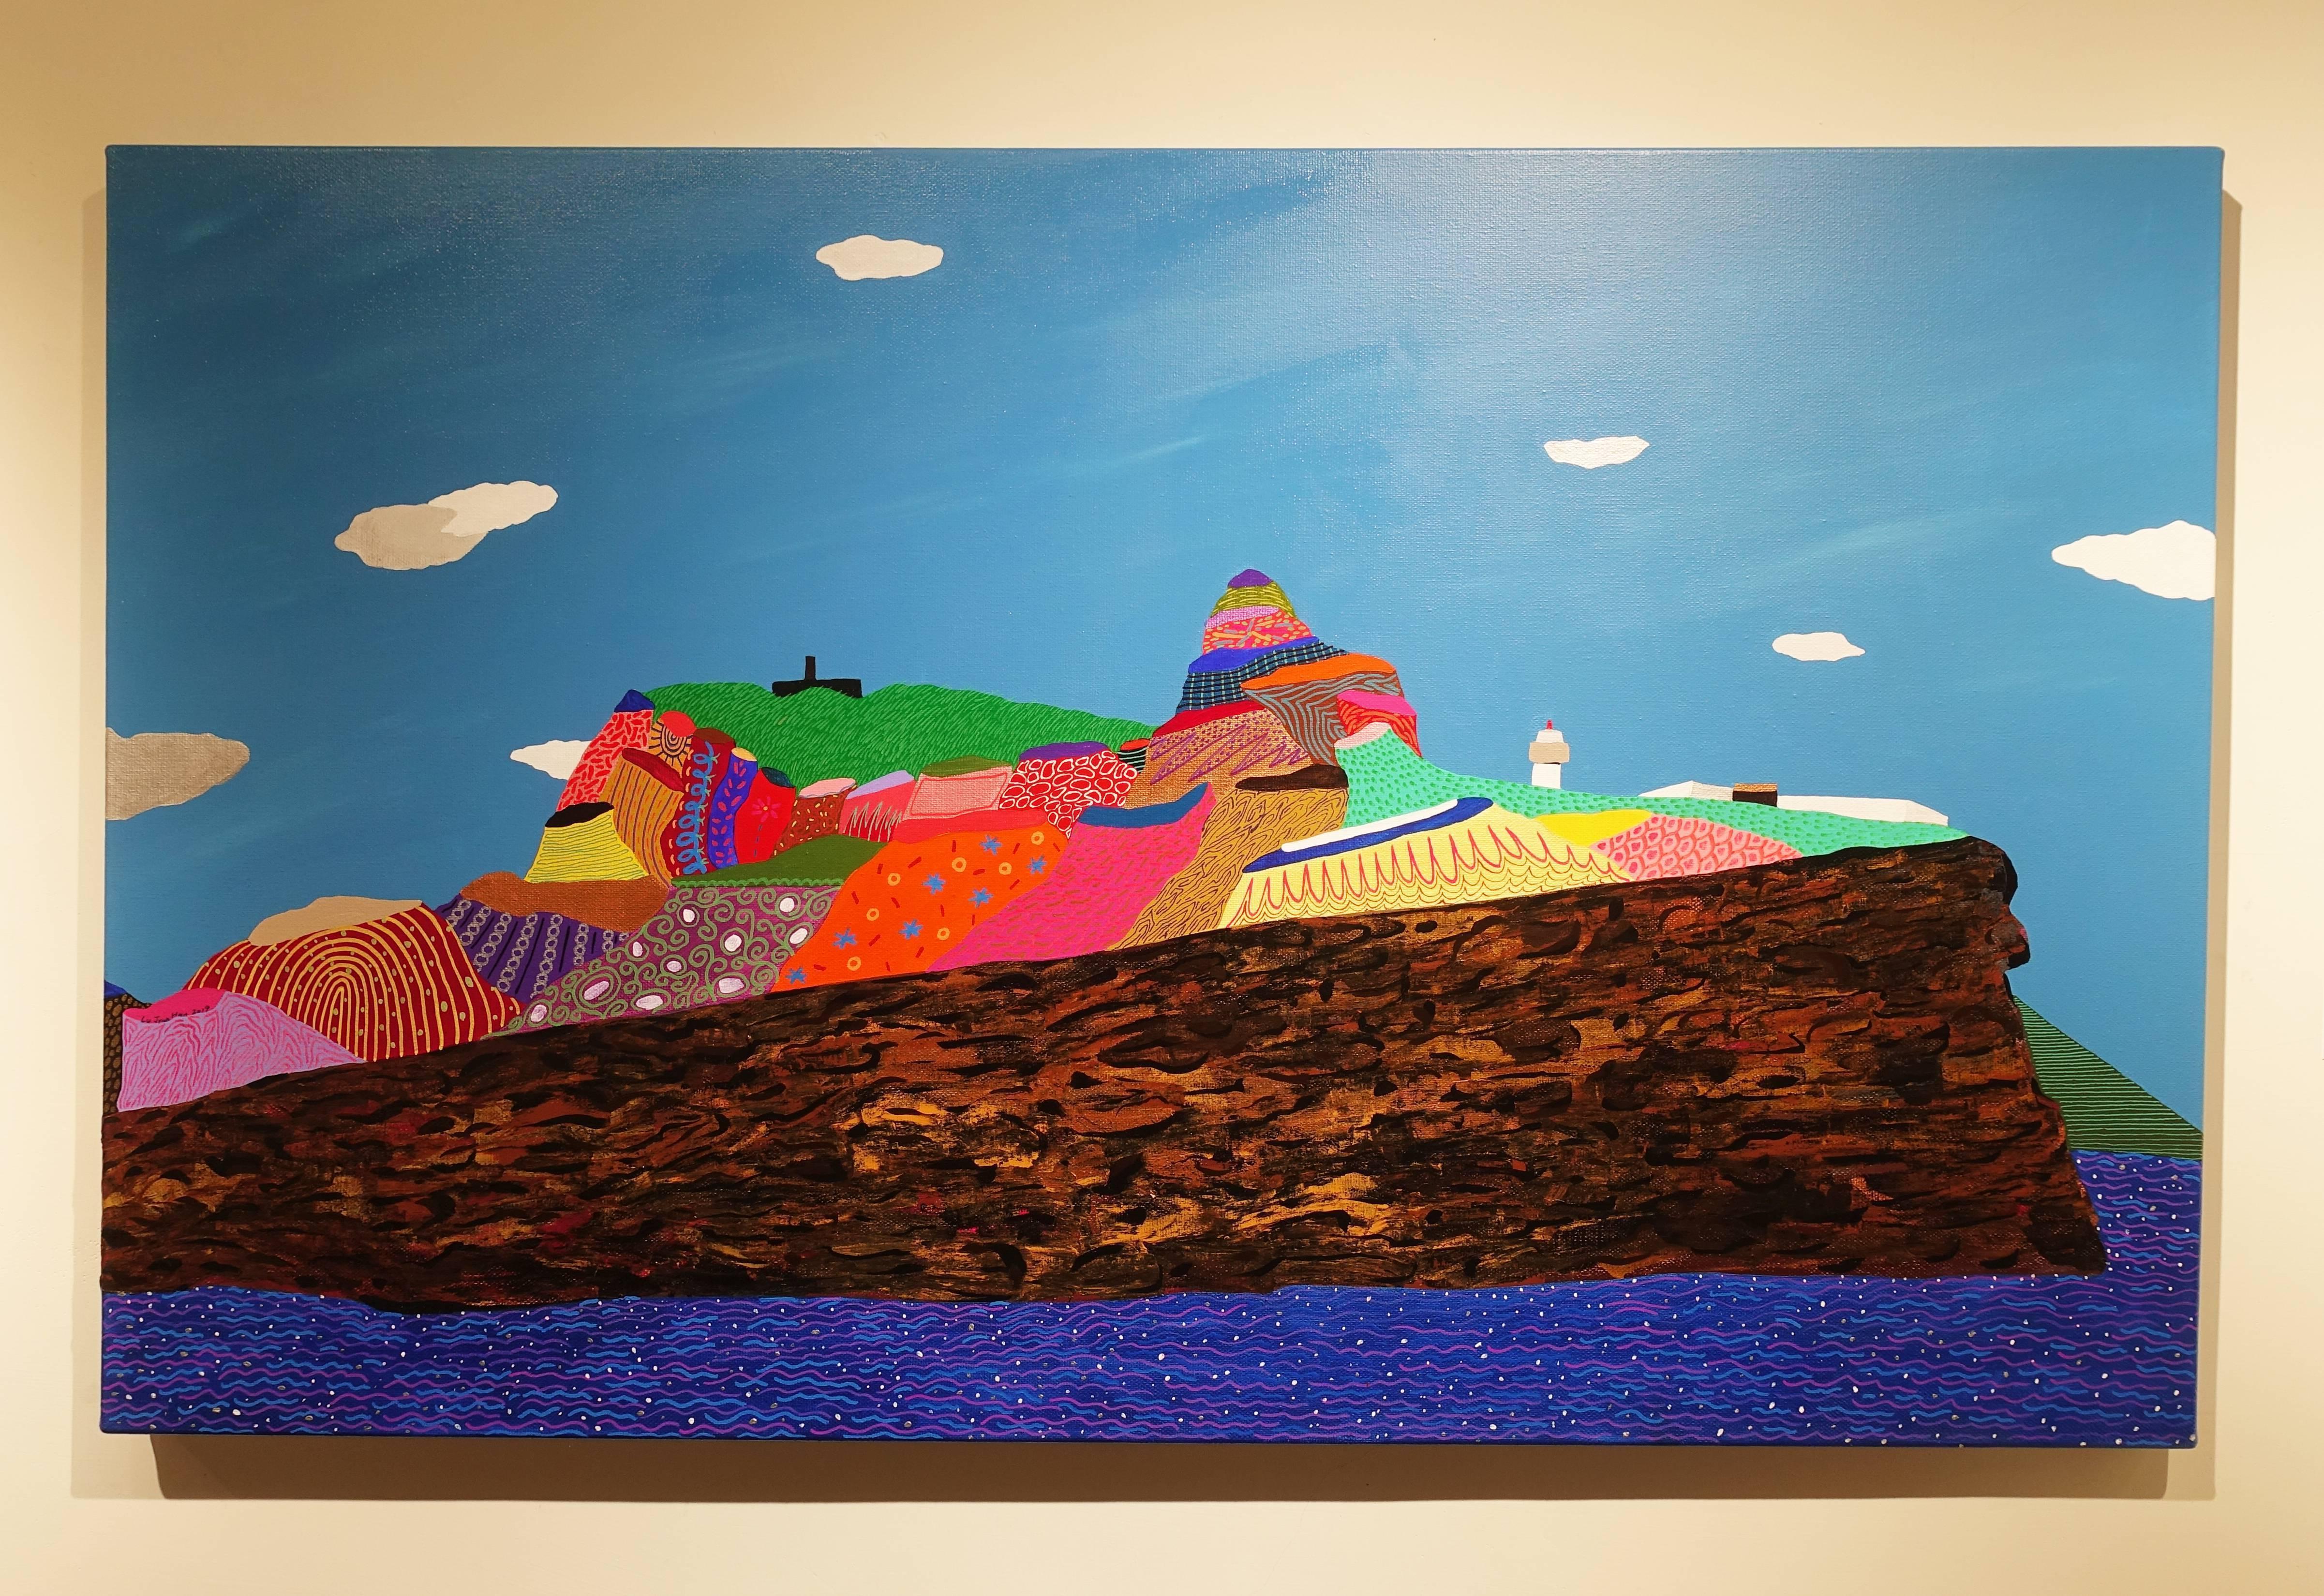 盧俊翰,《鼻頭角軍艦岩》細節, 130 x 80 cm,壓克力,2019。